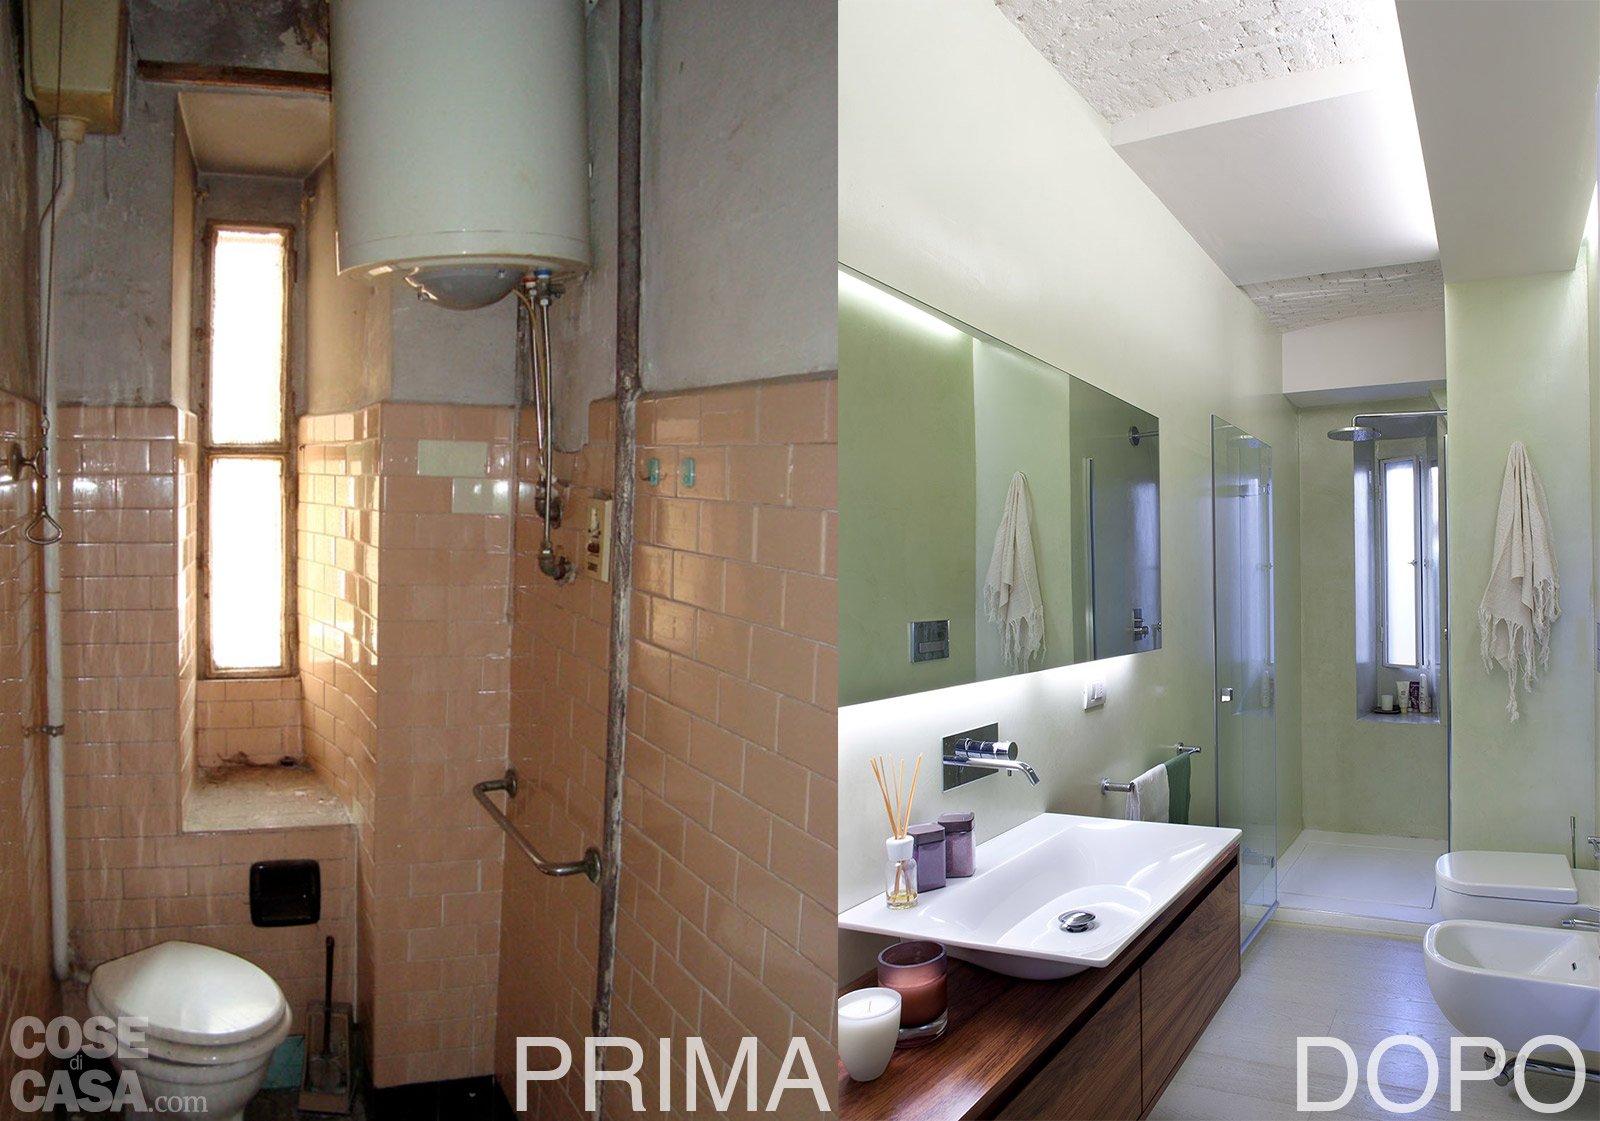 Spazio guadagnato per la casa di 63 mq cose di casa - Frontline dopo bagno ...